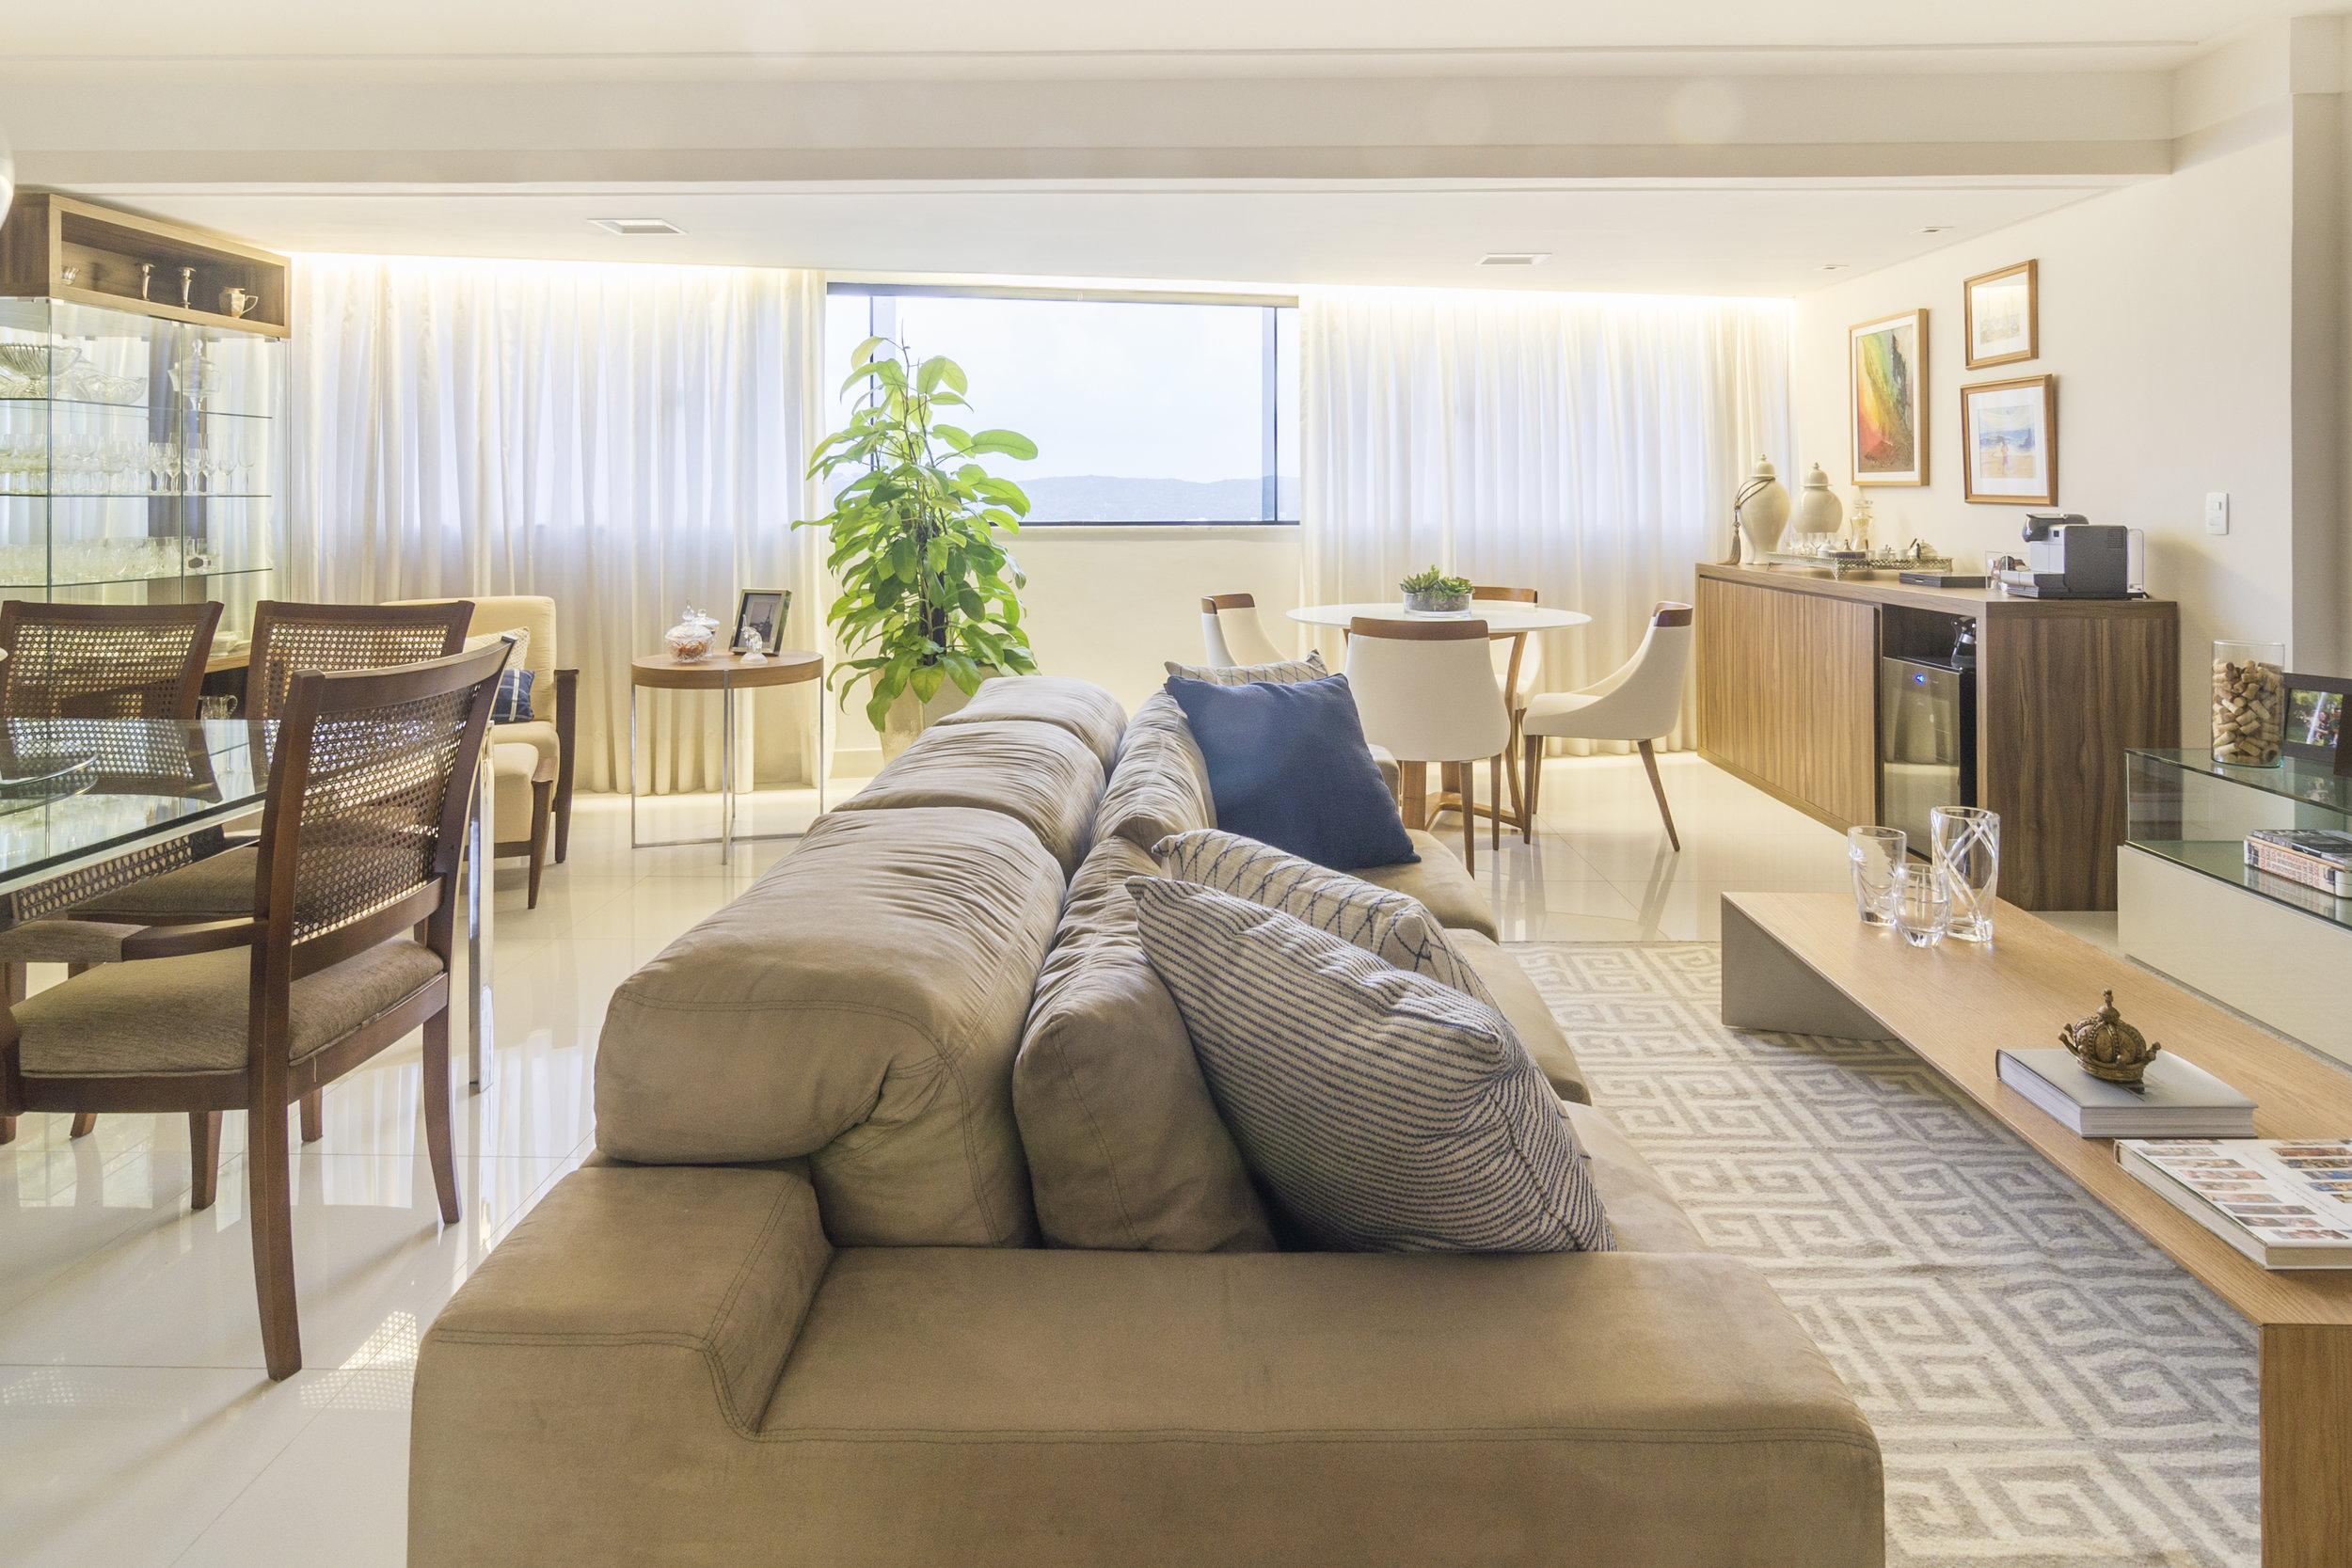 projeto-arquitetonico-luciananilton-duo-arquitetura-apartamentos-natal-011.jpg